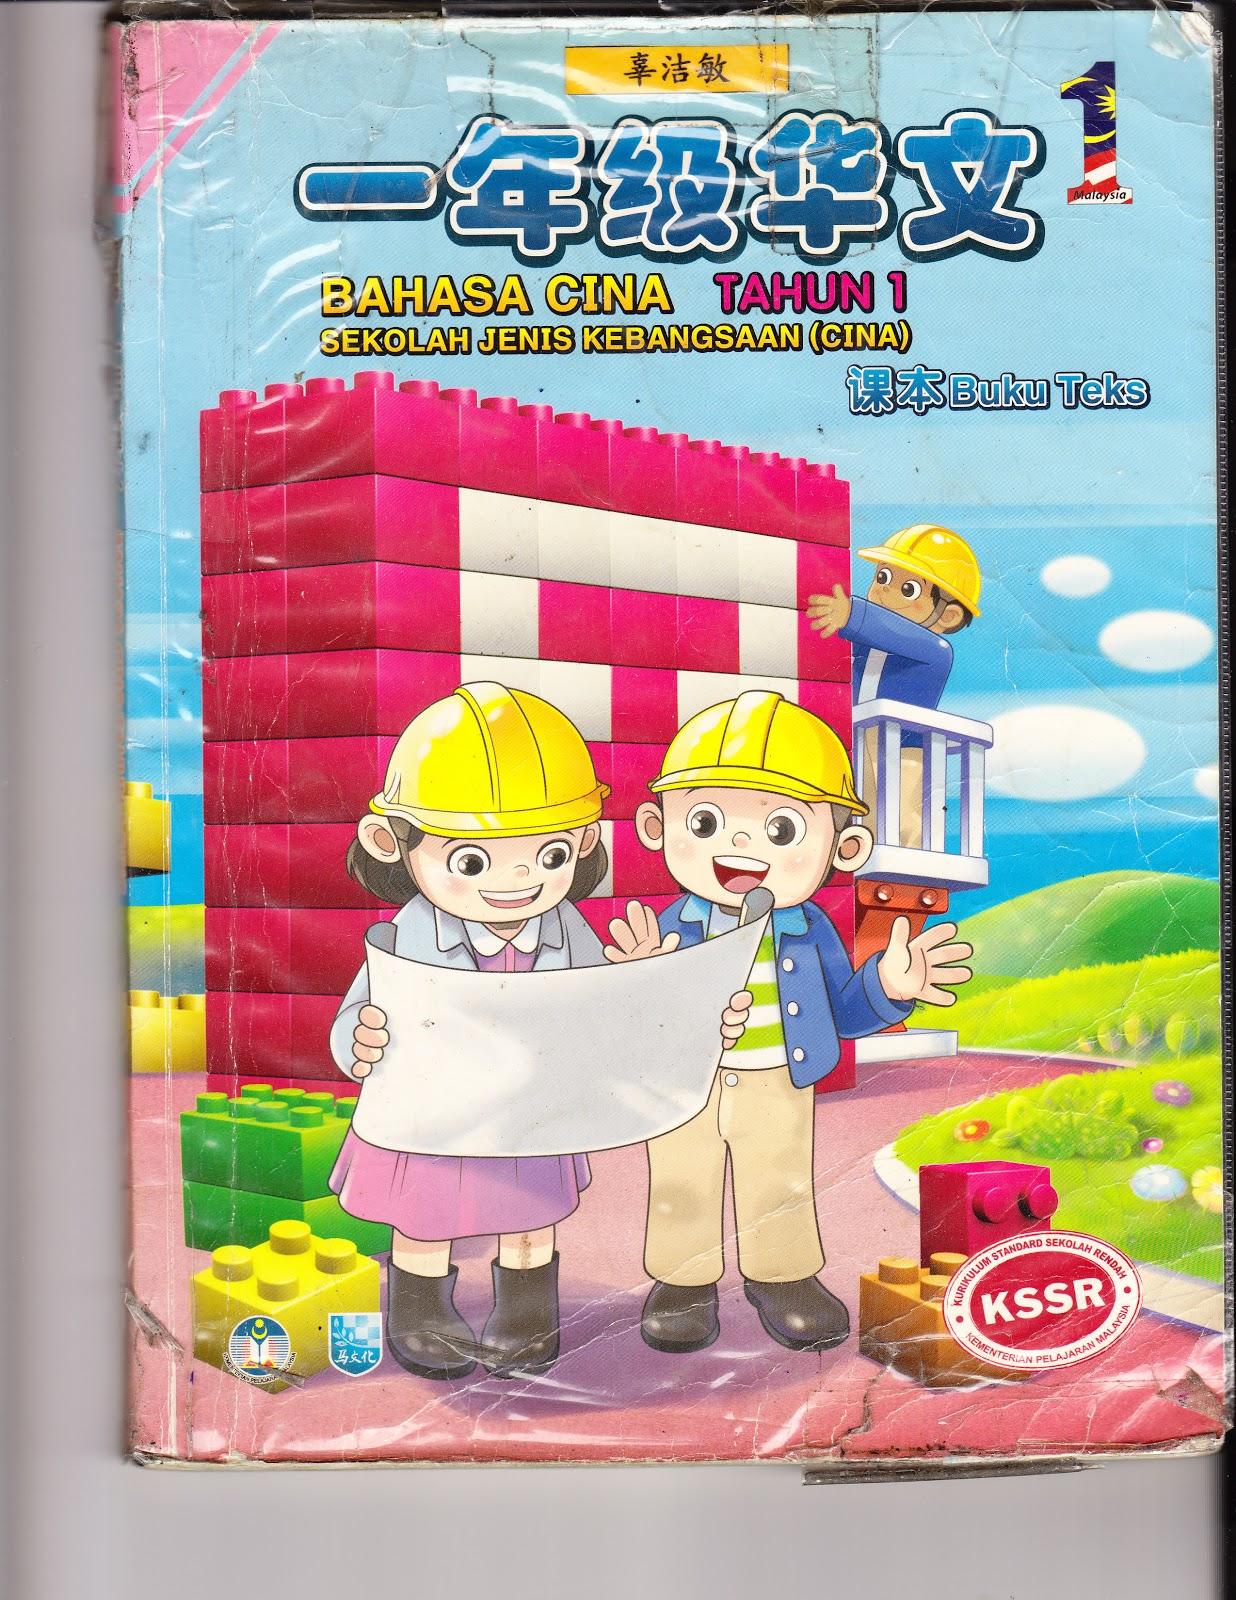 Bahasa Cina Kssr Buku Teks Kssr Tahun 1 2